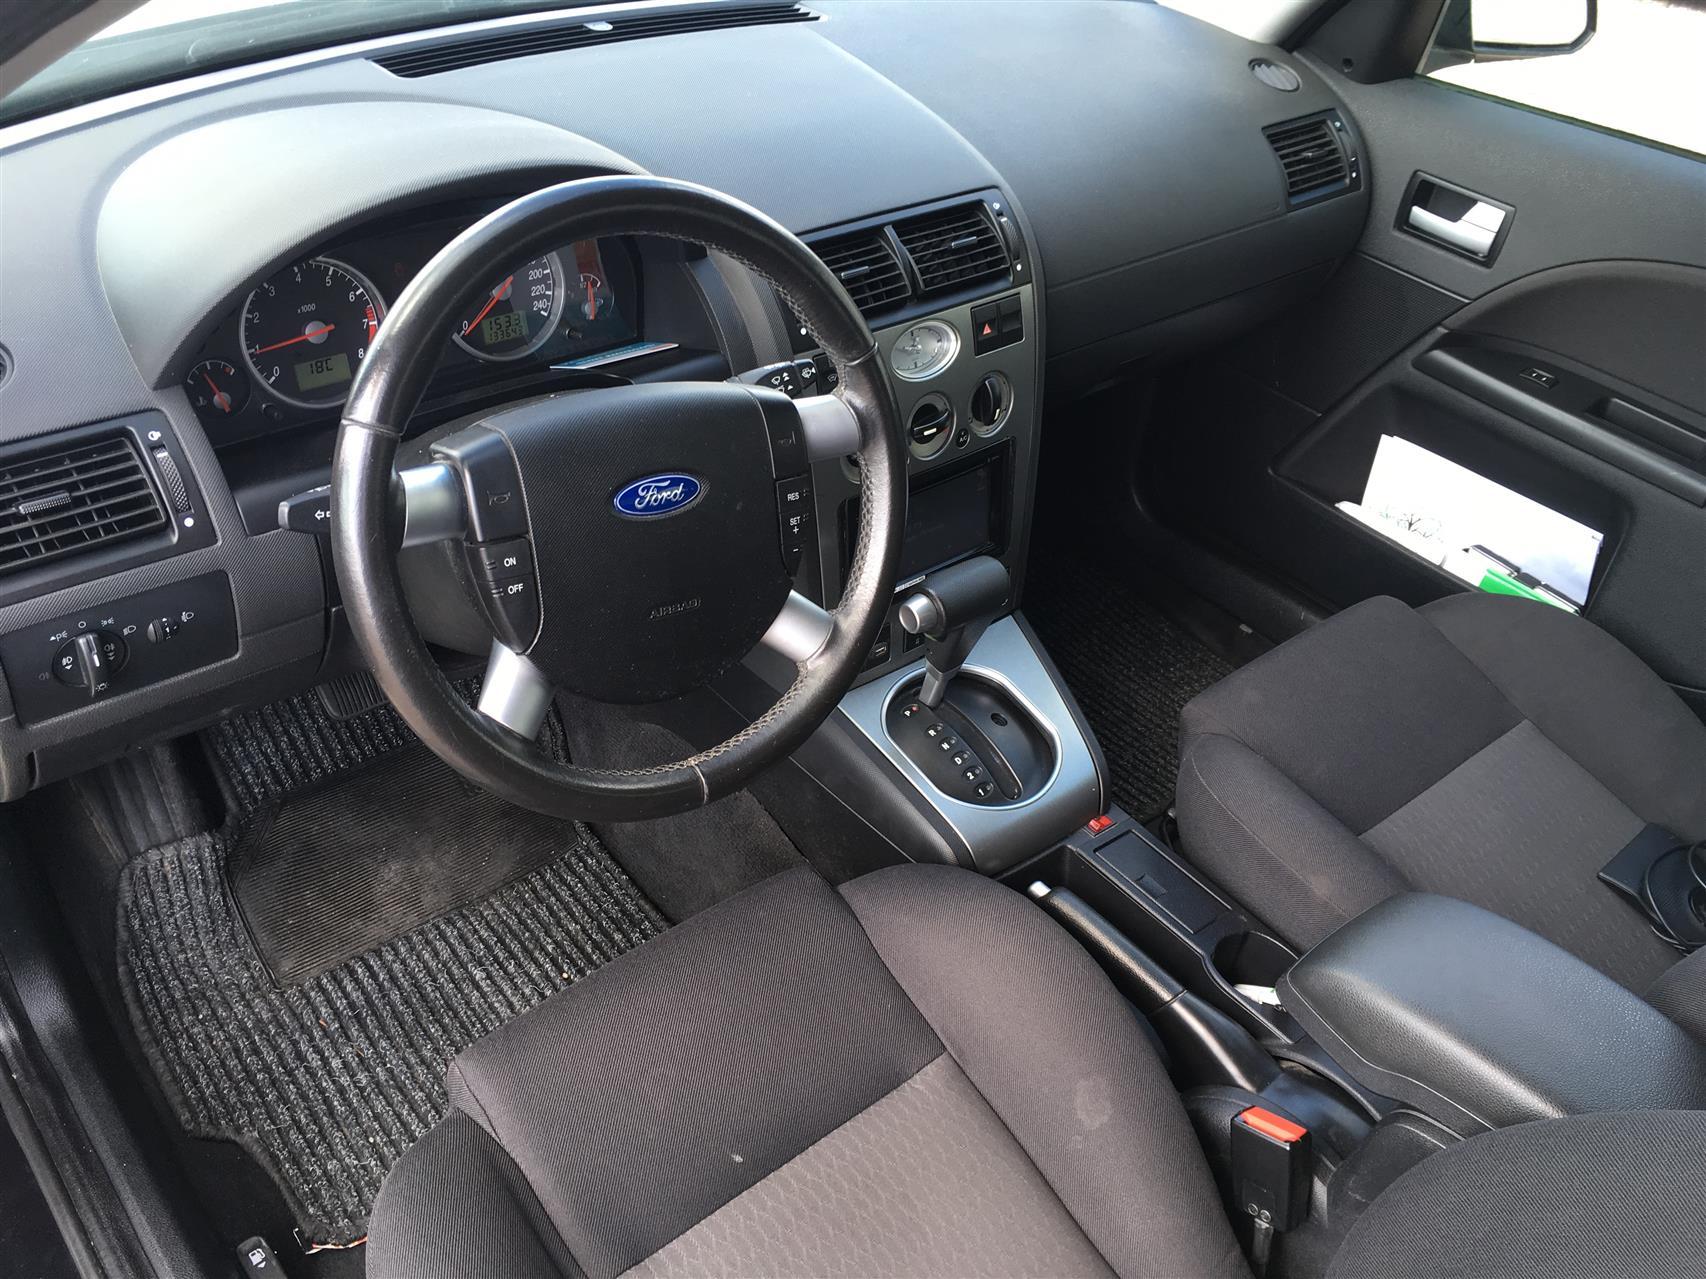 Billede af Ford Mondeo Rustvogn Aut.gear 2,0 145HK Stc